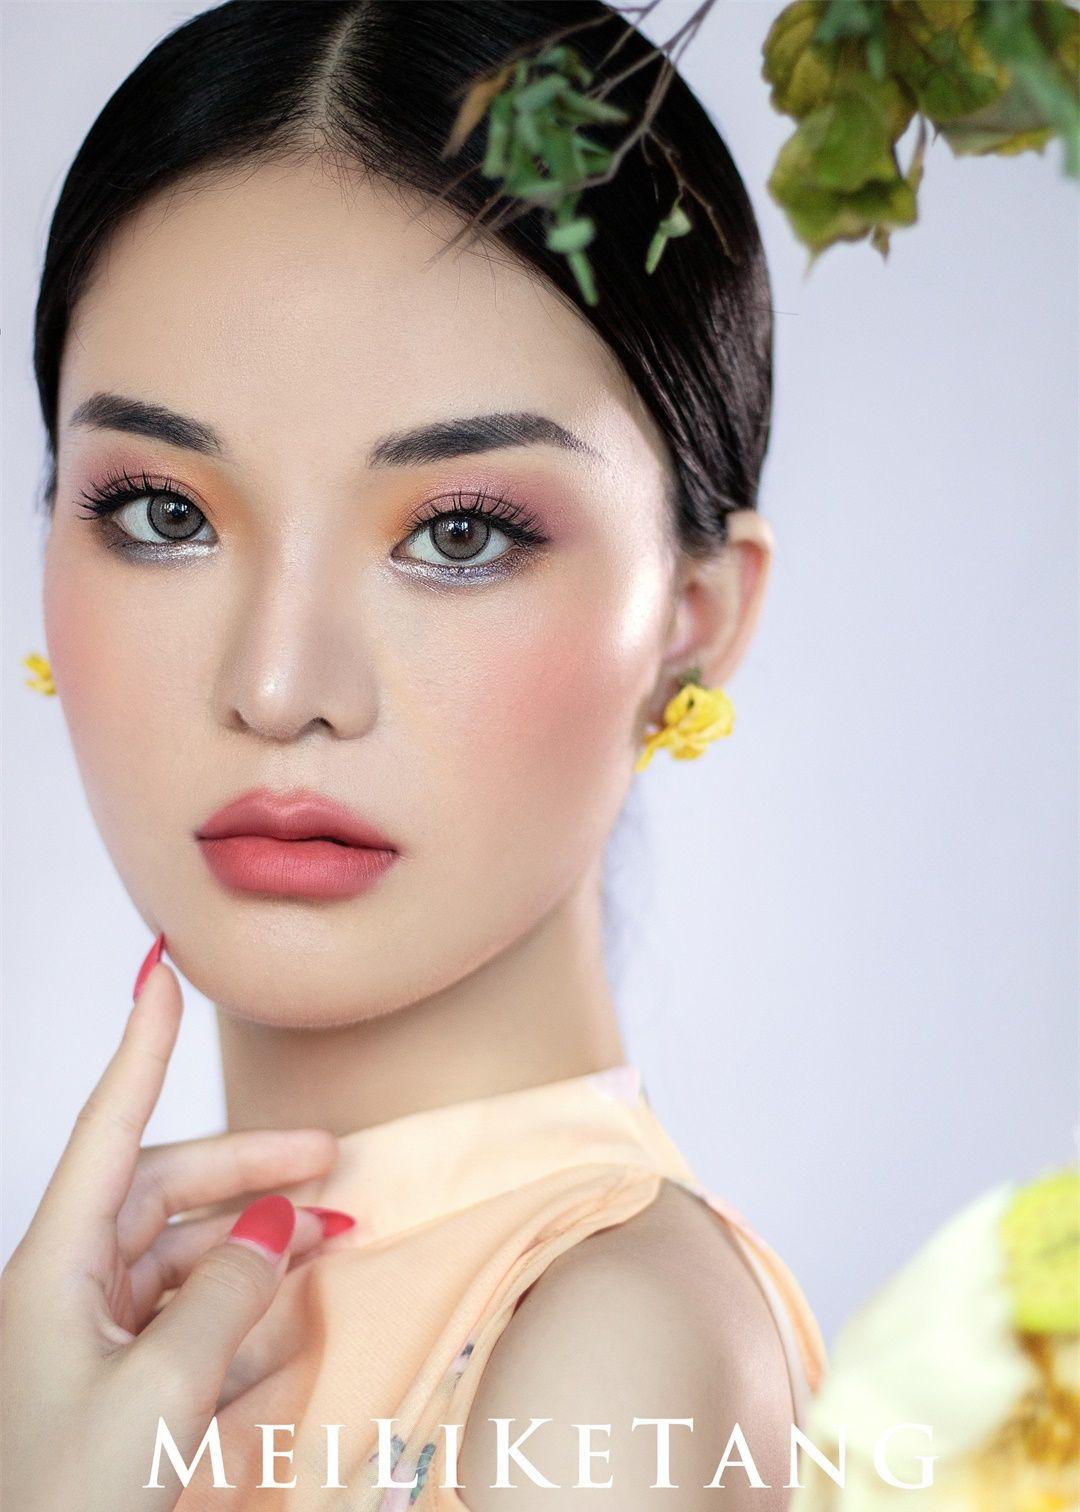 童婷美丽课堂:时尚简约视觉系拍啥妆容造型